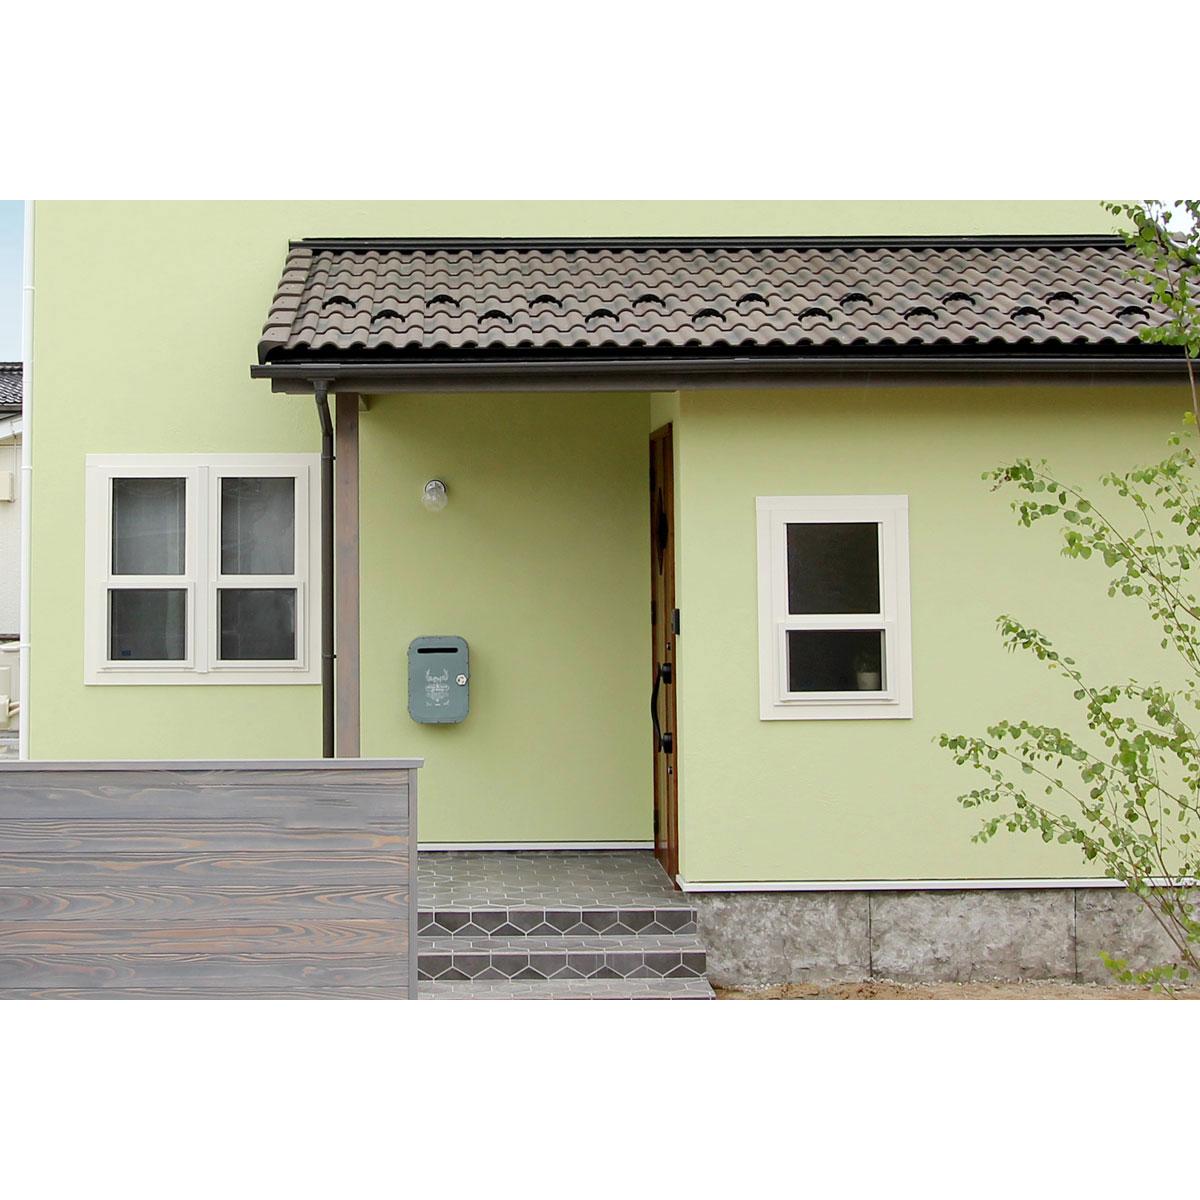 アンティーク感漂う。玄関のアクセントにもなるメールボックス(ポスト/郵便受け)がかわいいお家を紹介。【酒田鶴岡でヨーロッパテイストのおしゃれでかわいいカフェのような新築Mamanの家を手がける工務店 ナチュラル工房伊藤住宅】